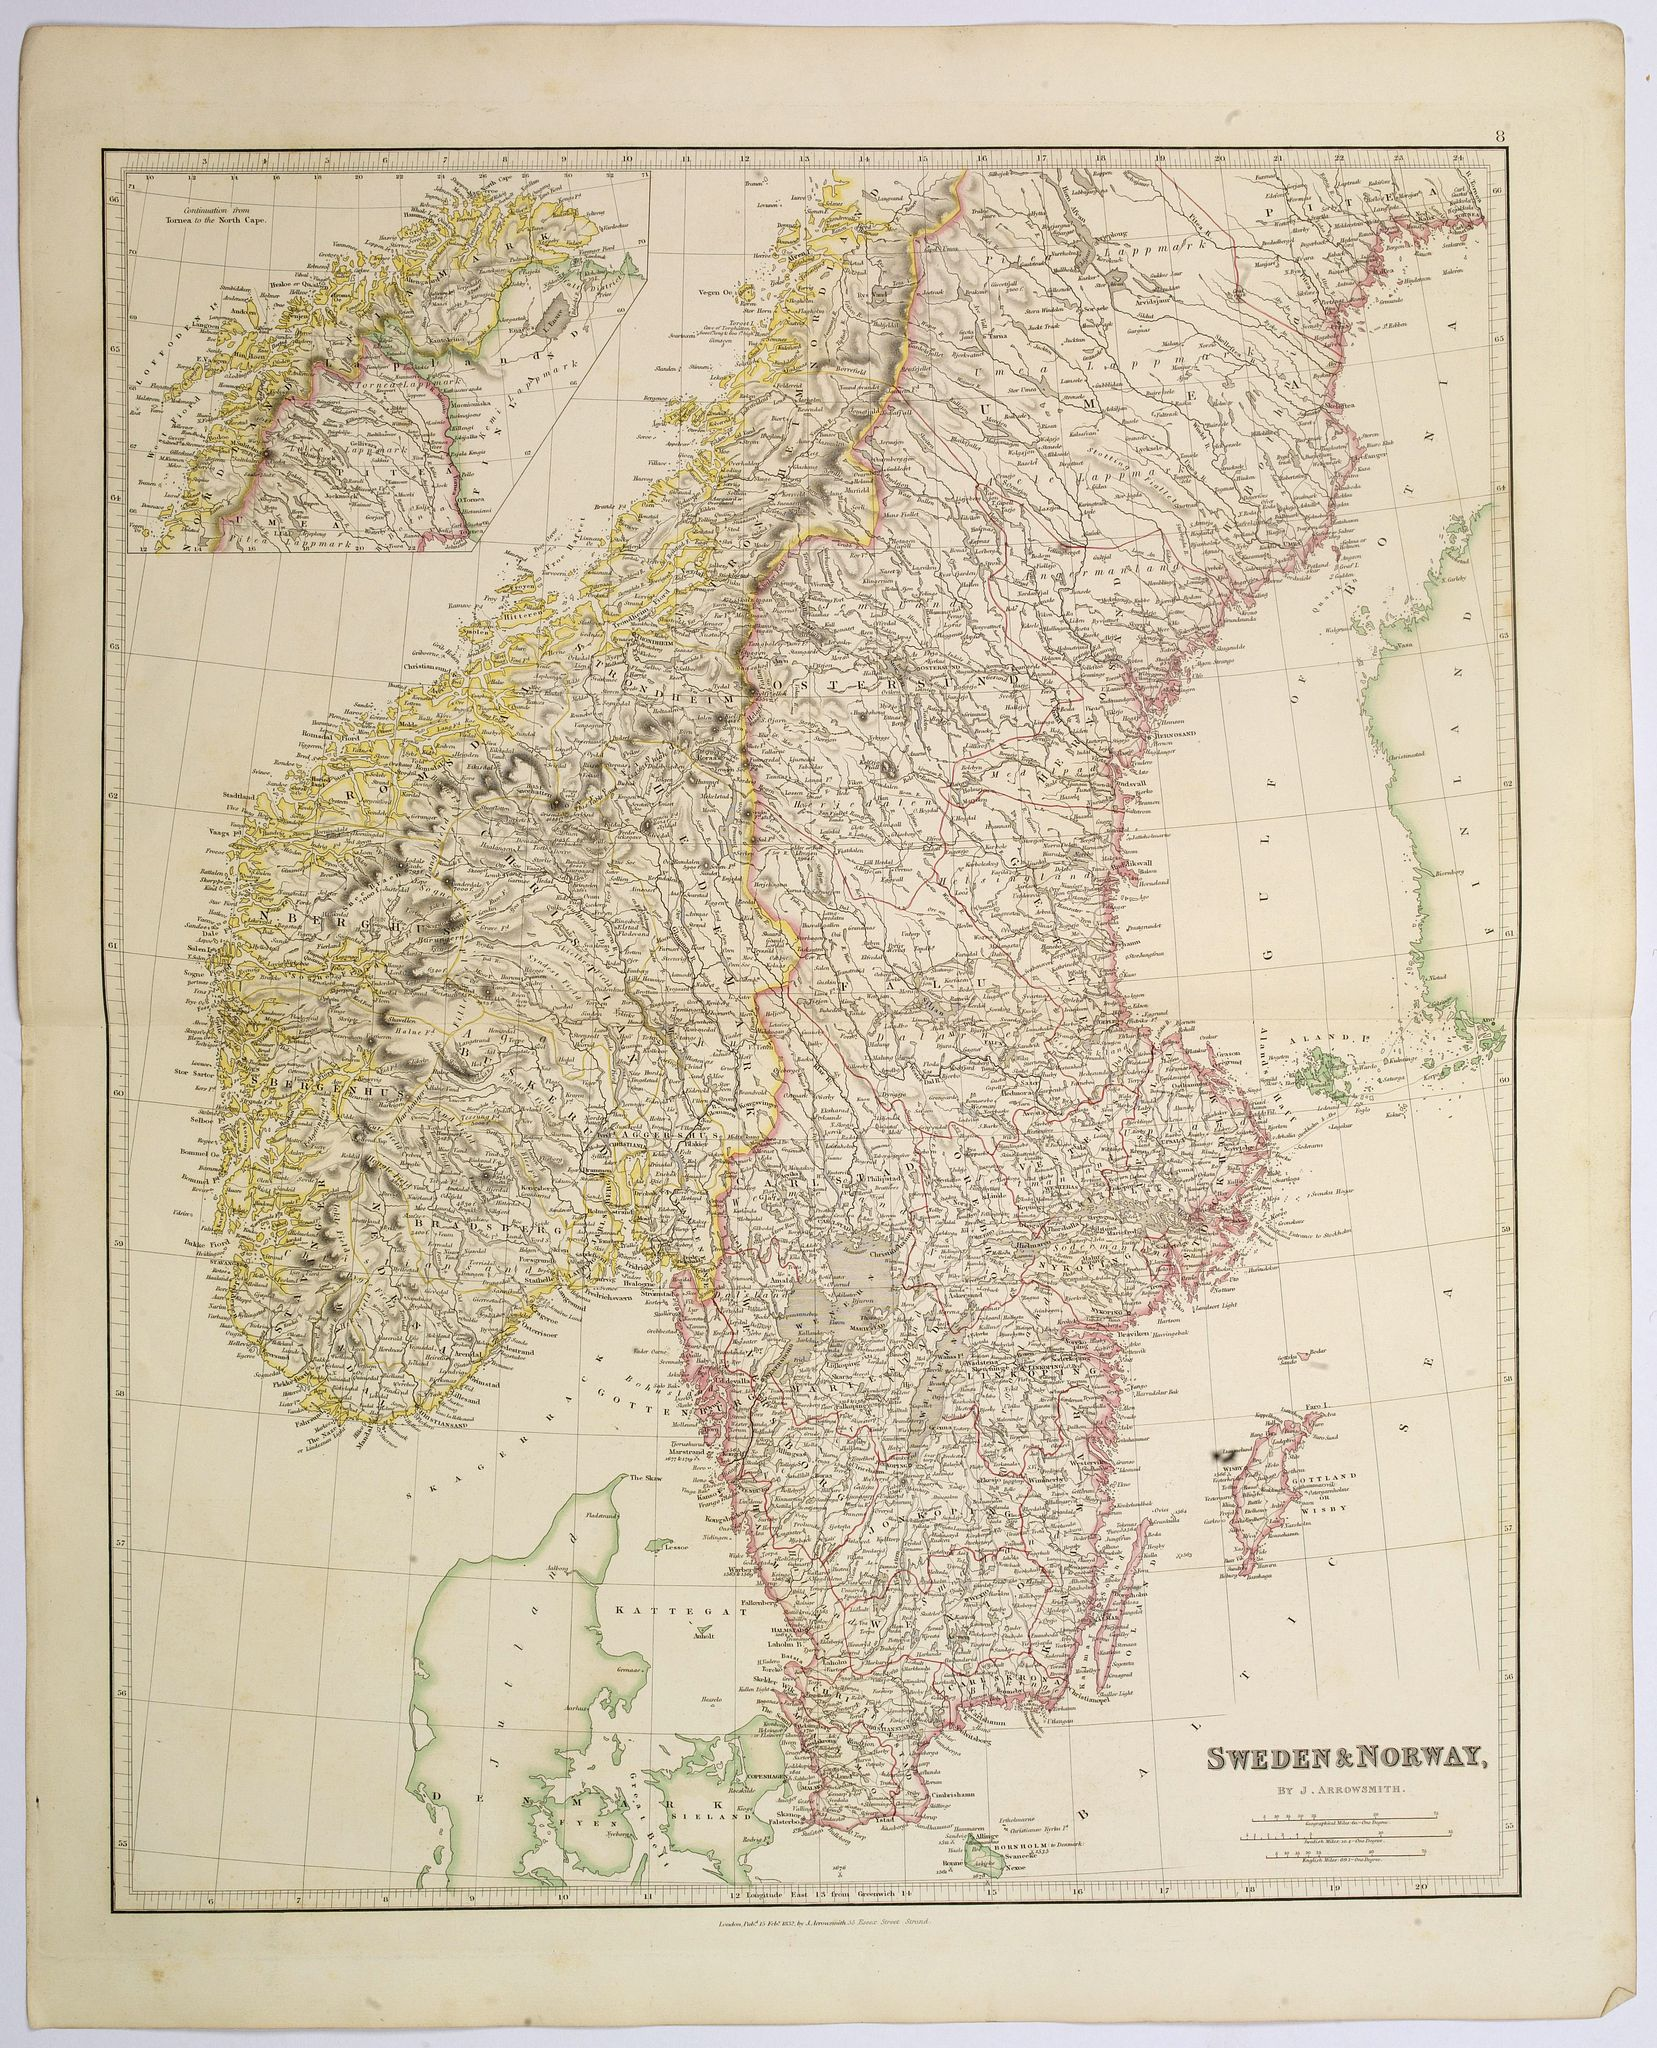 ARROWSMITH, John -  Sweden & Norway.